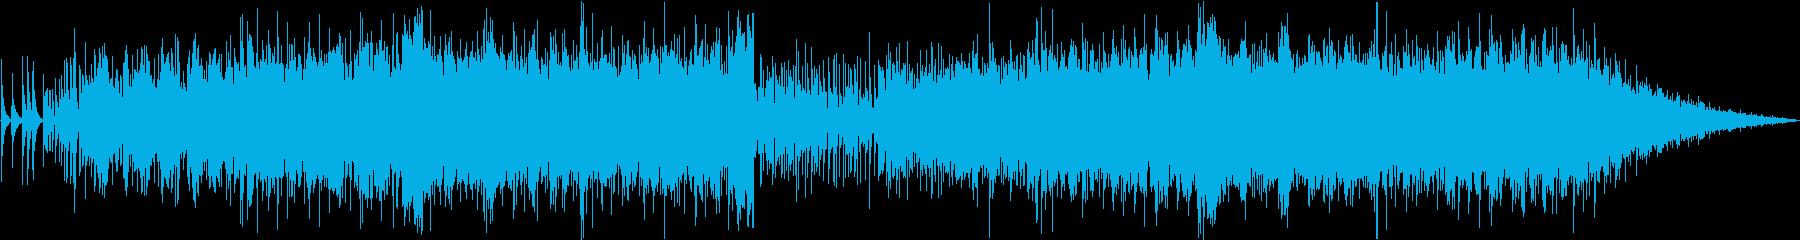 Pianoとシンセサイザーのエレクトロの再生済みの波形